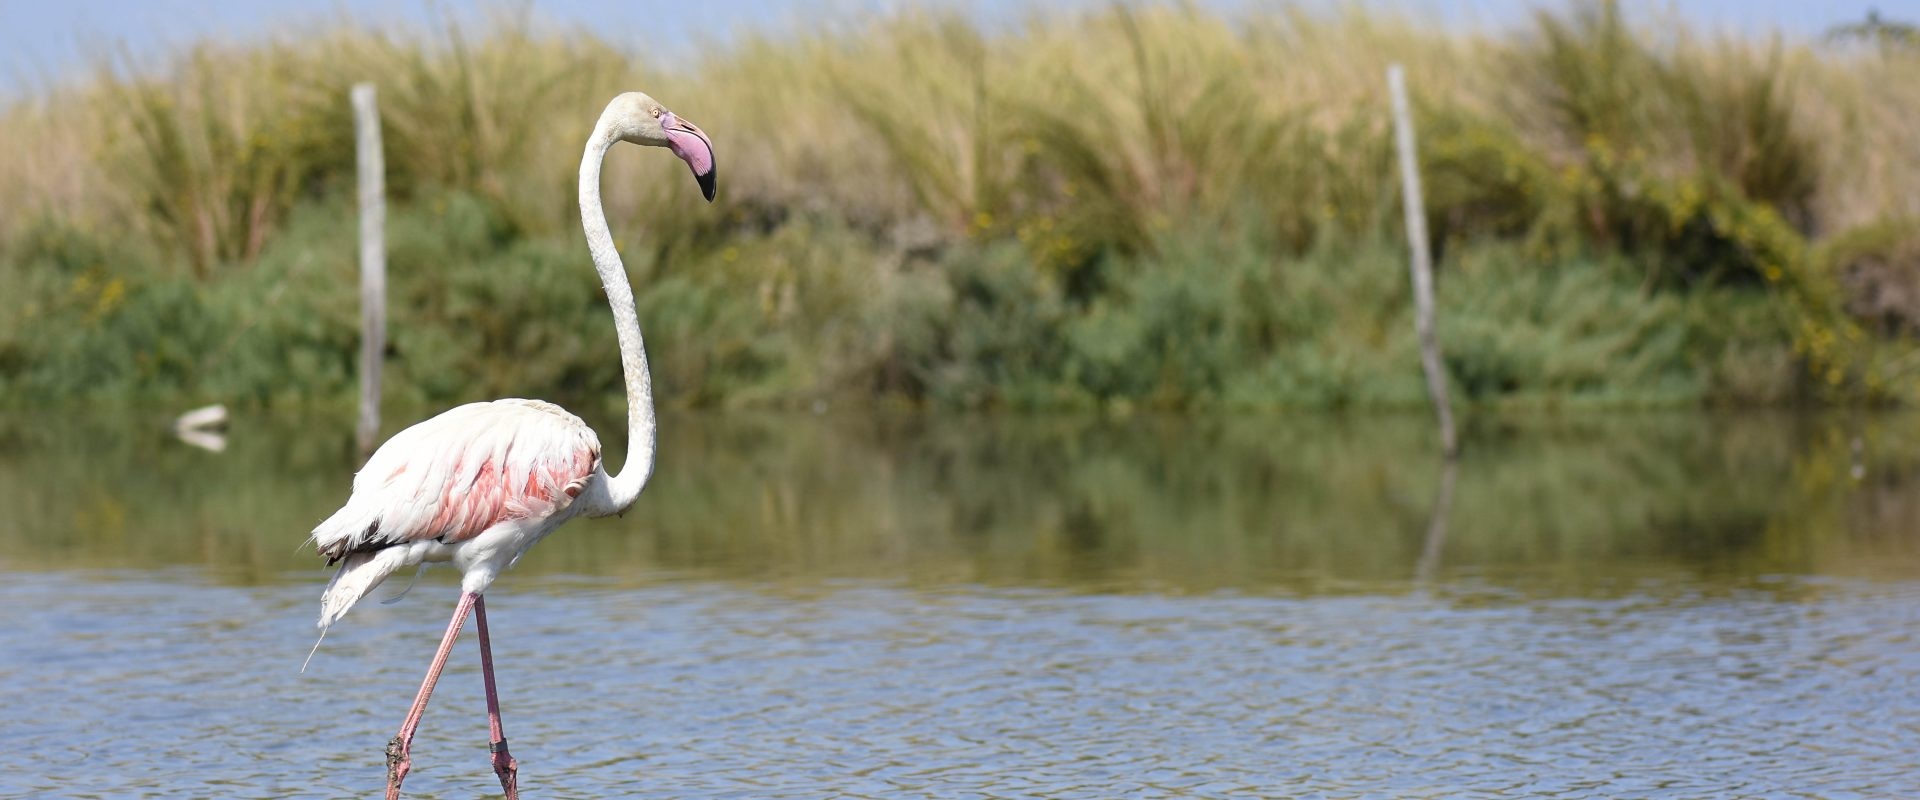 Da Parco Pallavicino al Delta del Po, a lieto fine il salvataggio del fenicottero rosa